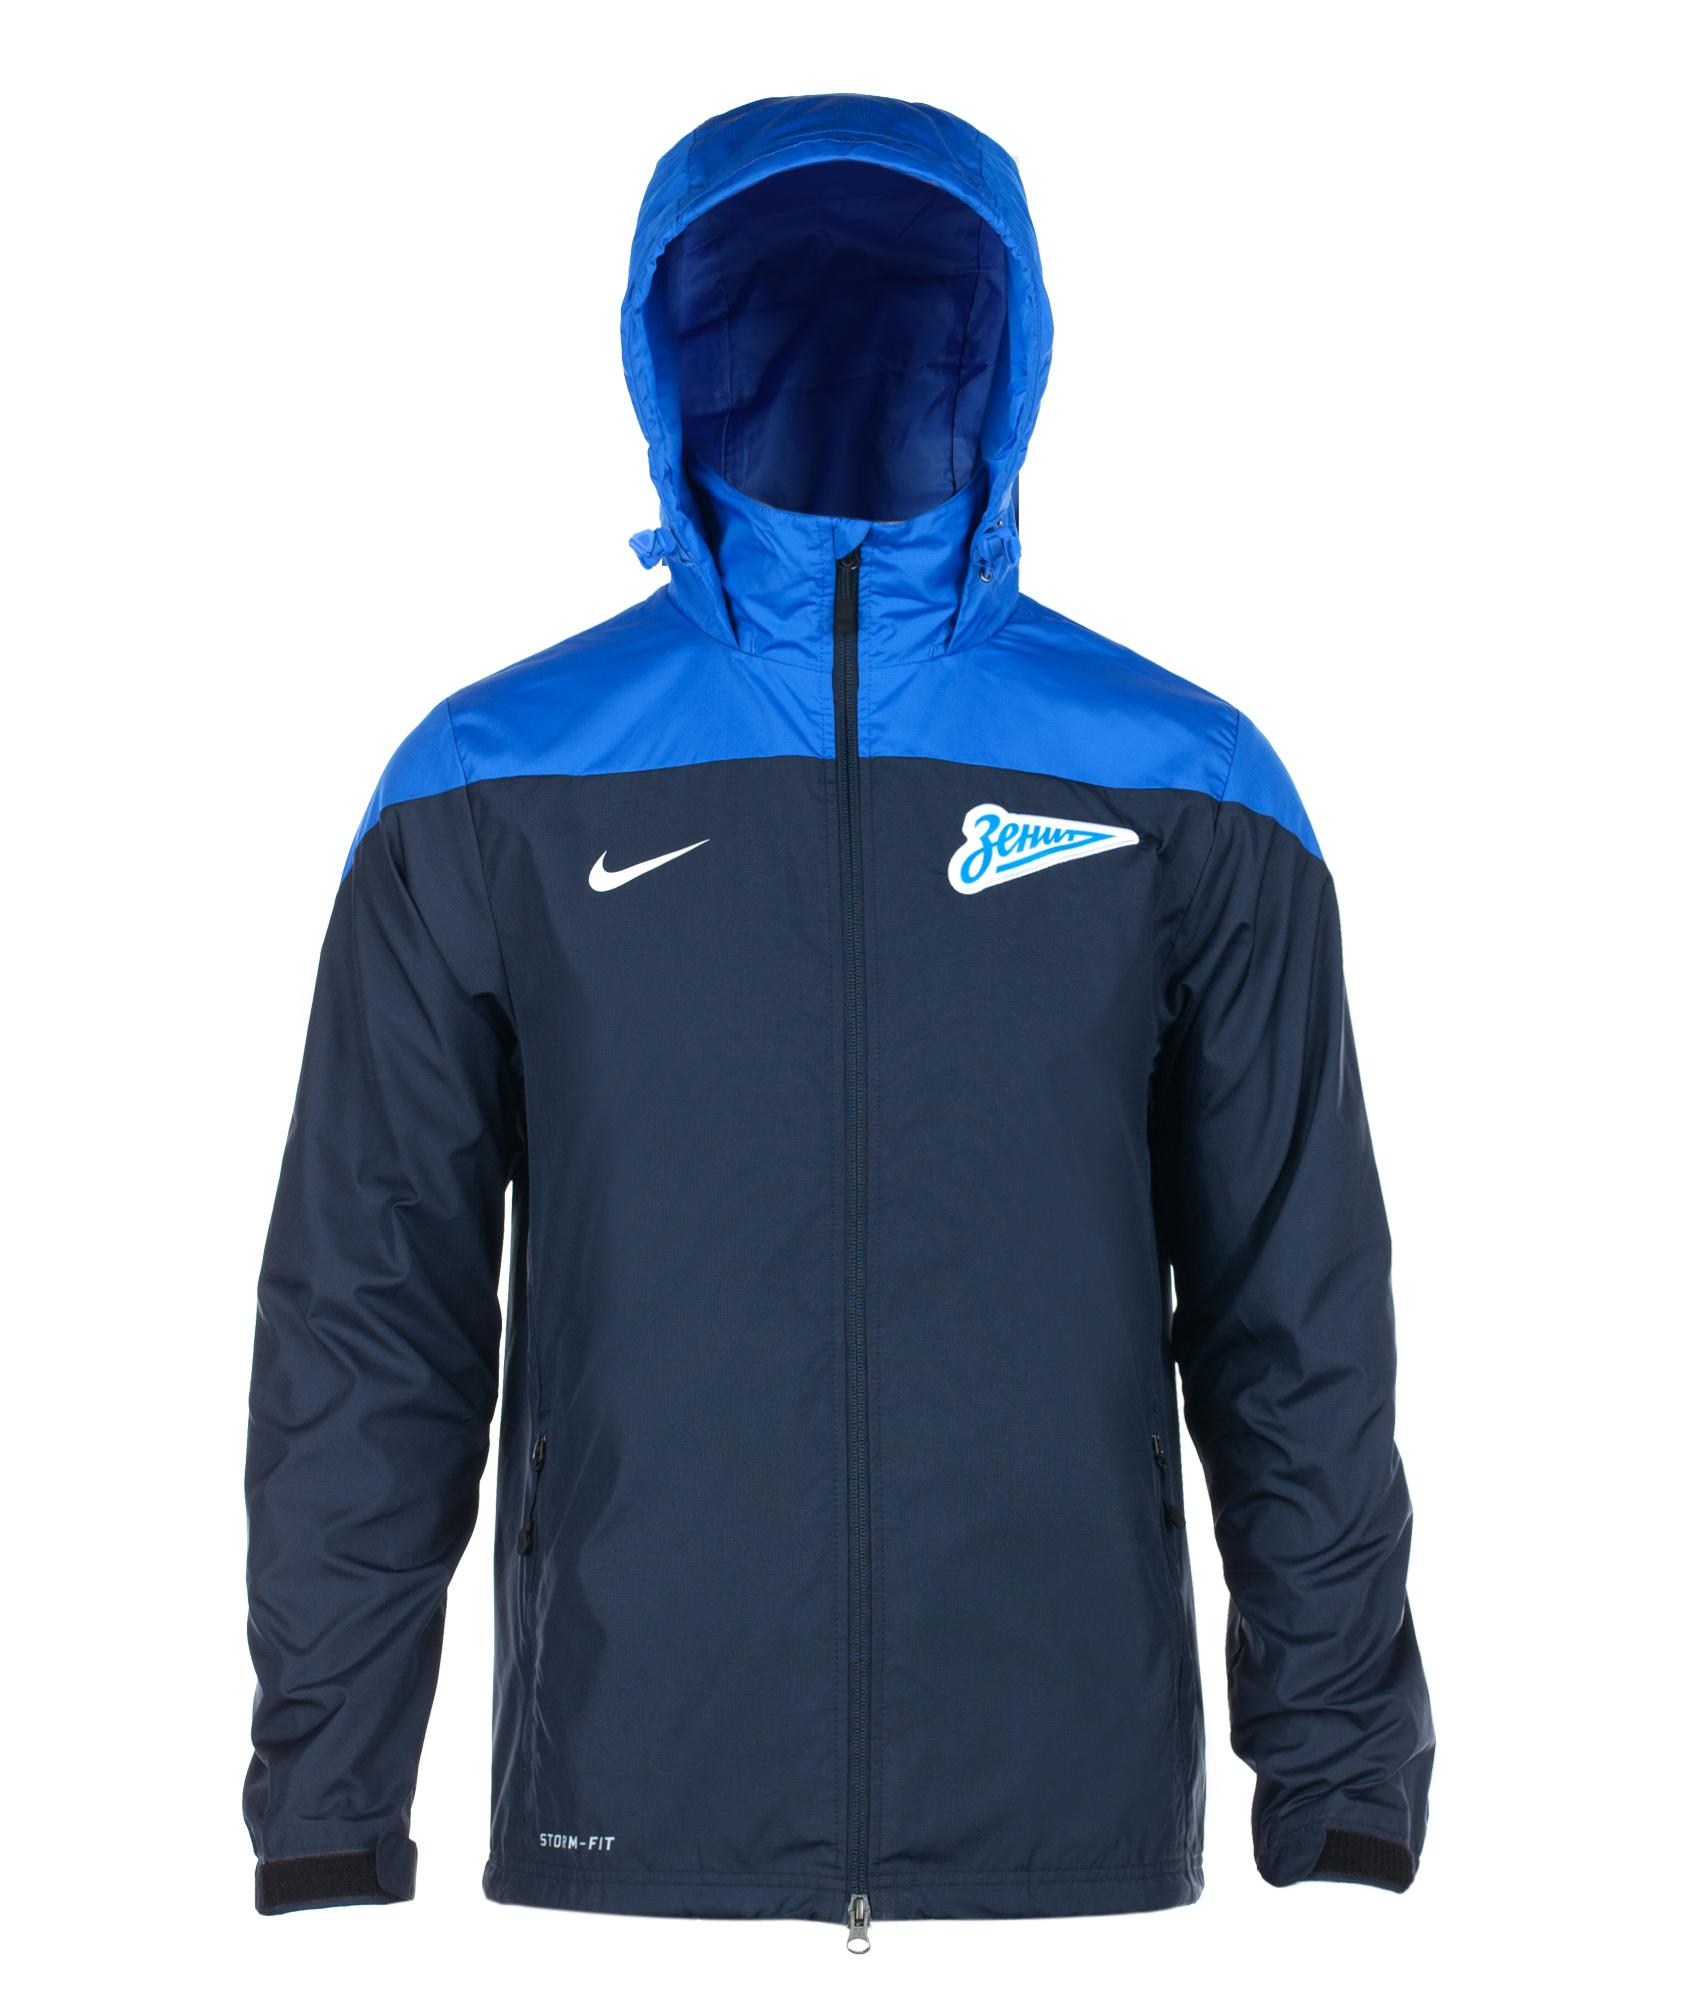 Ветровка Nike SQUAD SF1 RAIN JKT, Цвет-Синий, Размер-S